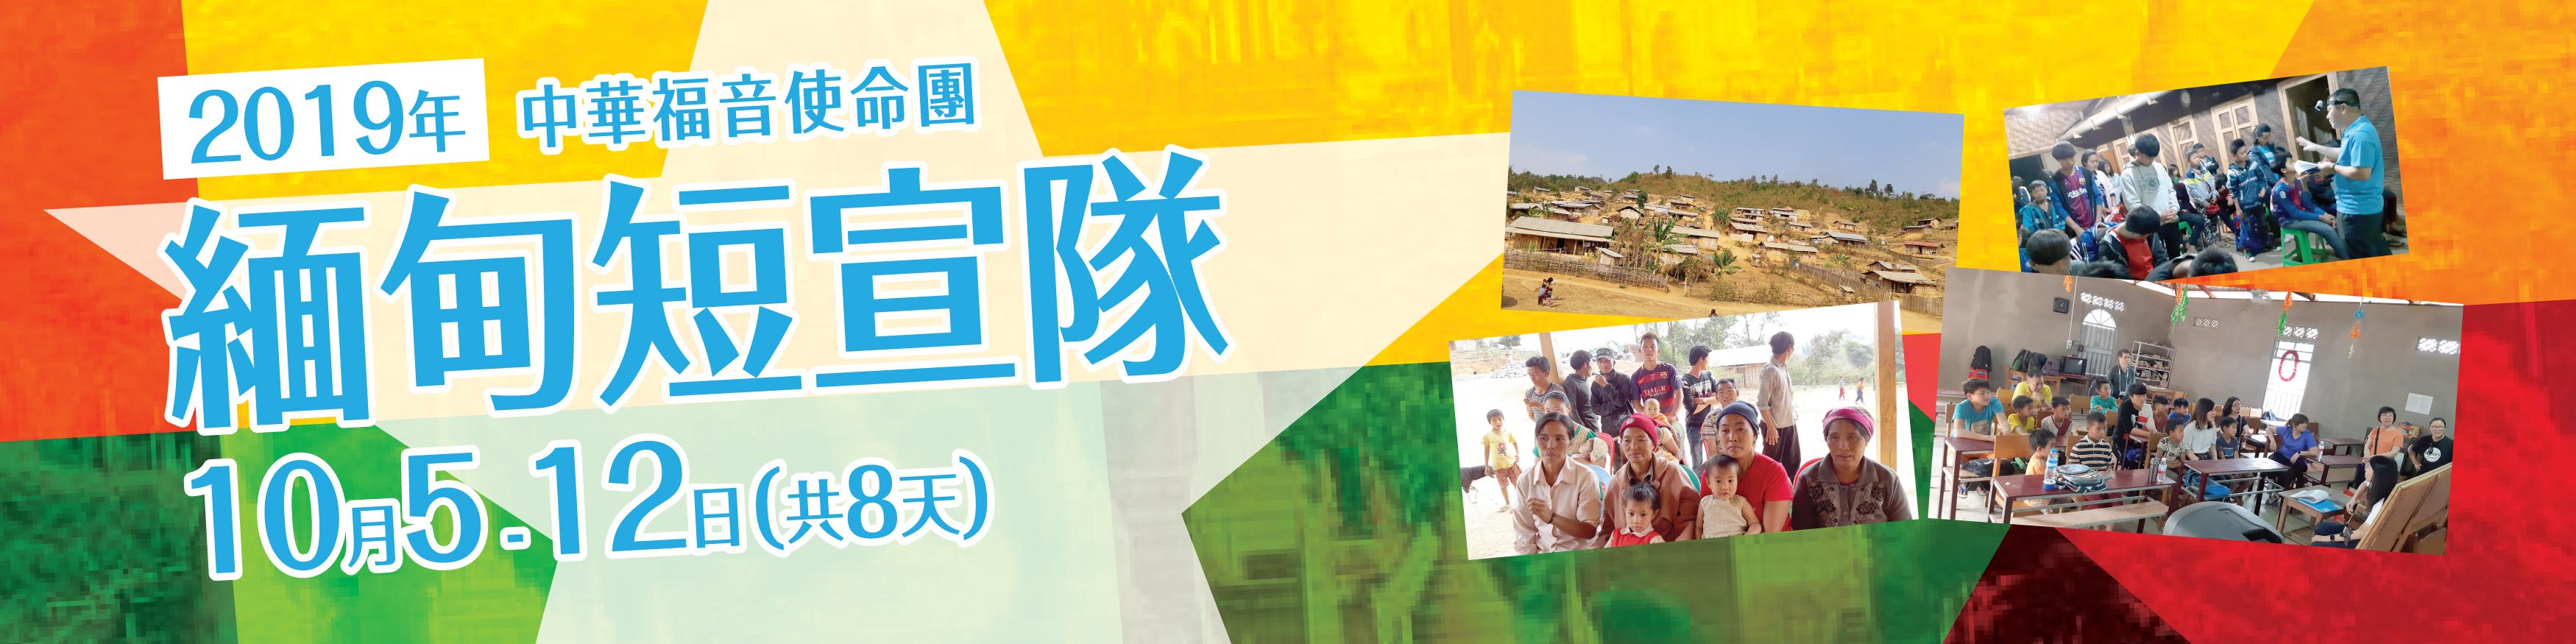 2019-緬甸短宣隊-02-1